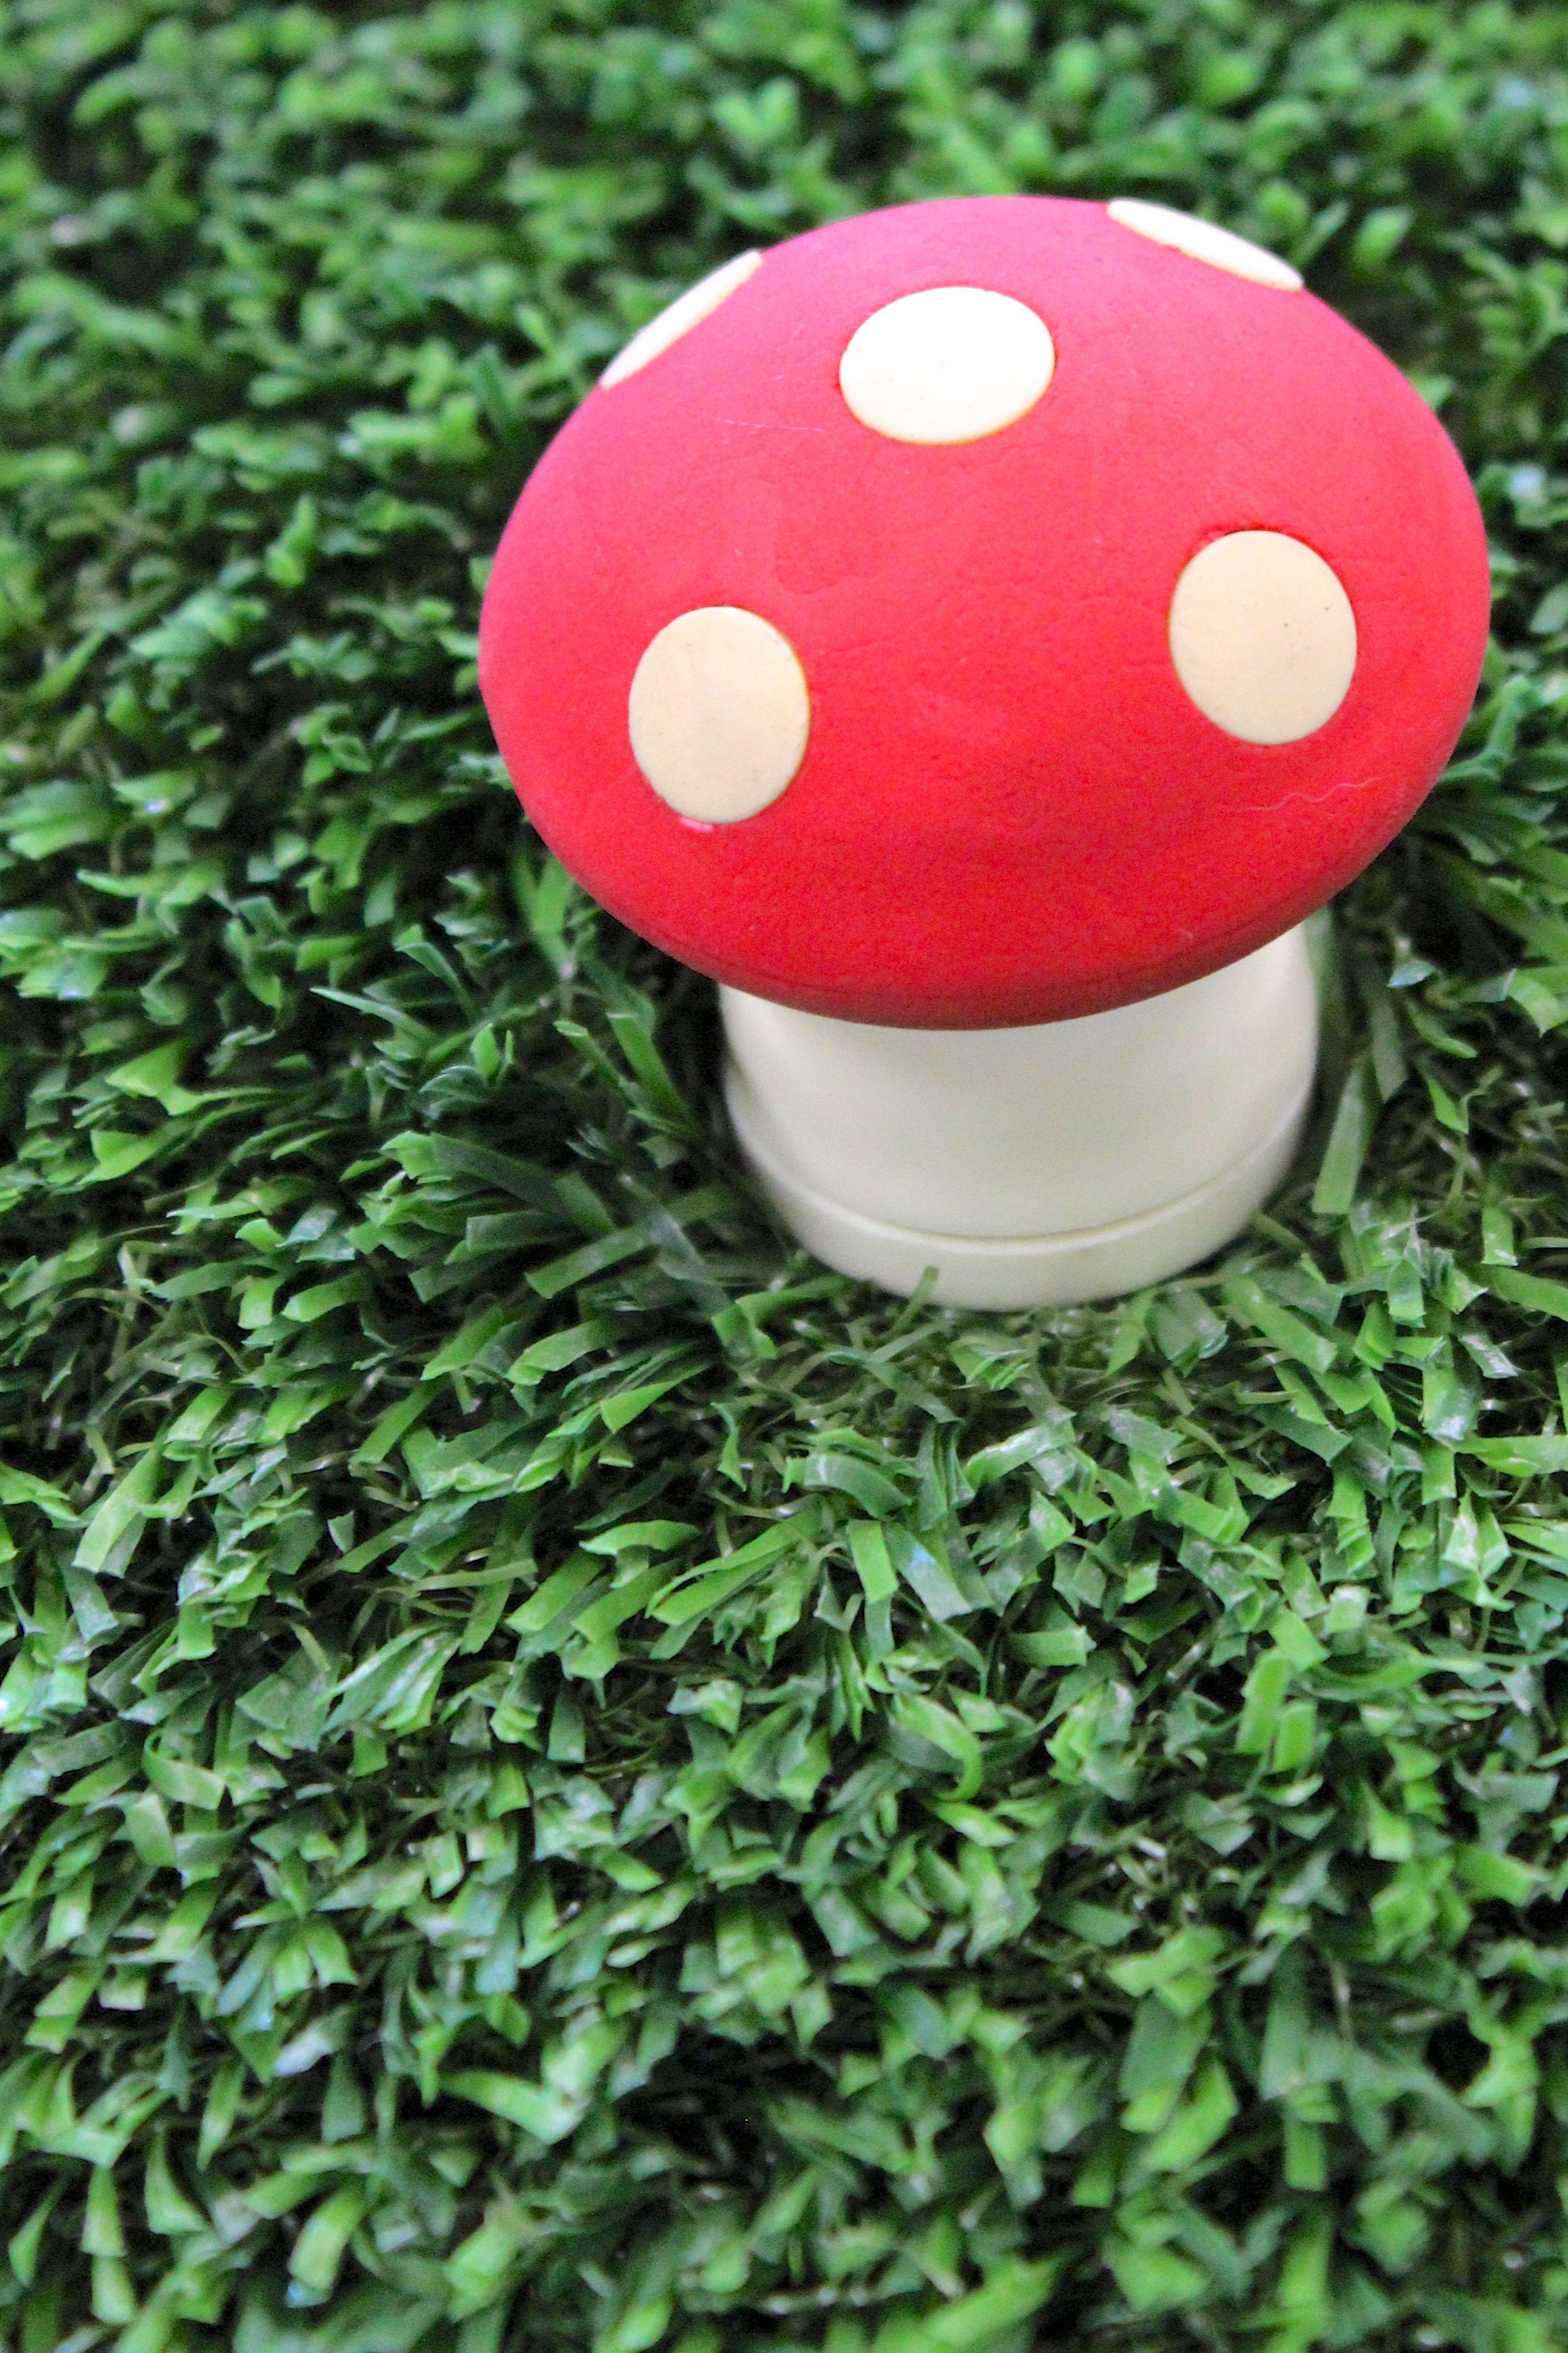 HANDMAKERY mushroom